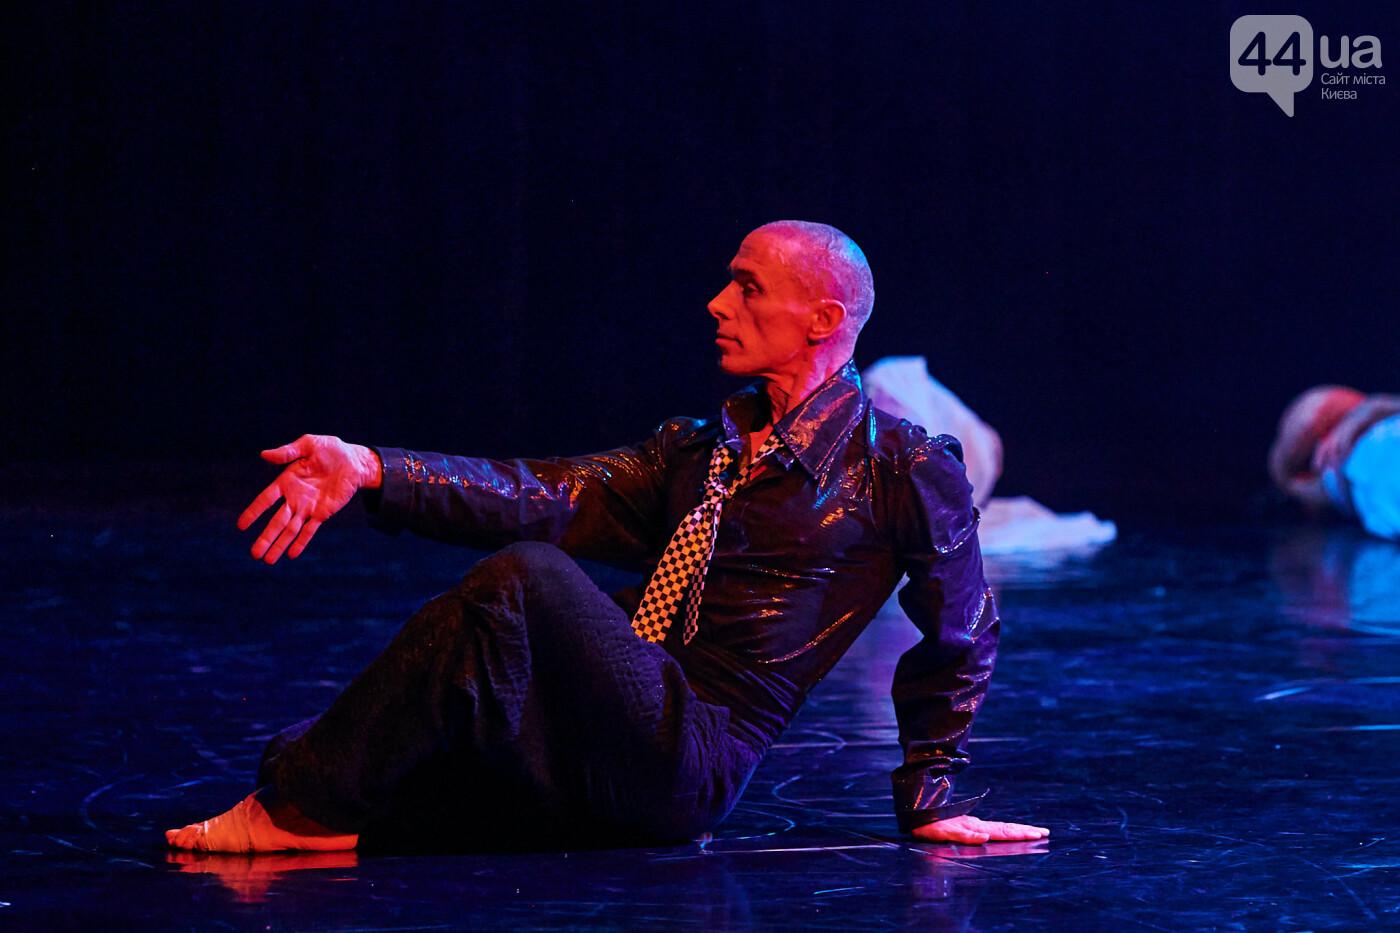 """9 дней онлайн и на сцене: чем будет удивлять Международный фестиваль """"Пространство танца"""", фото-3"""